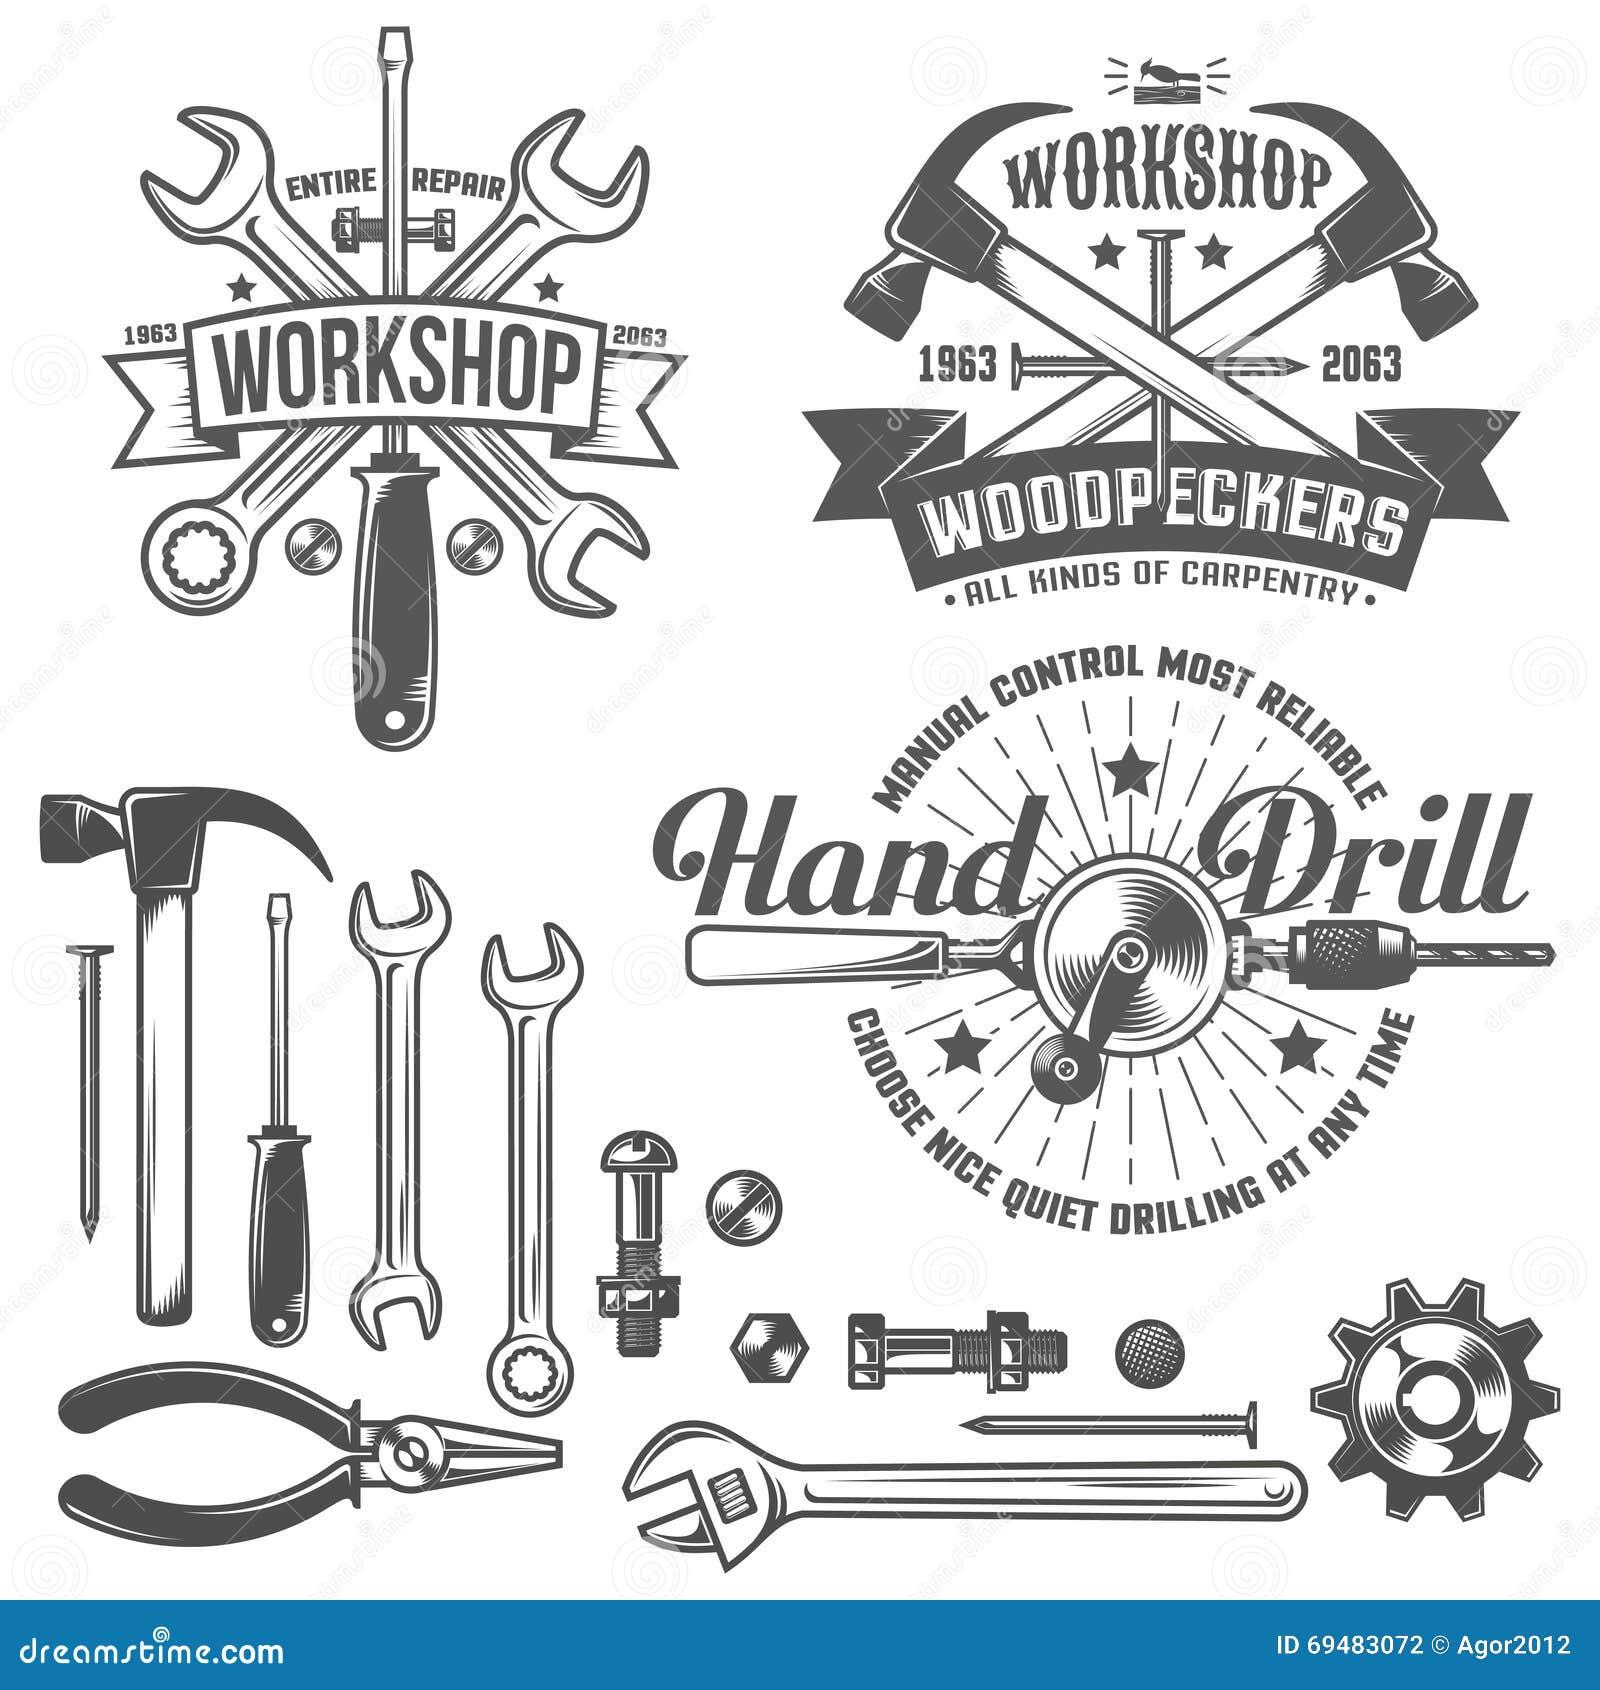 葡萄酒象征修理车间和工具在葡萄酒样式购物 建筑师图纸大厦工具图片